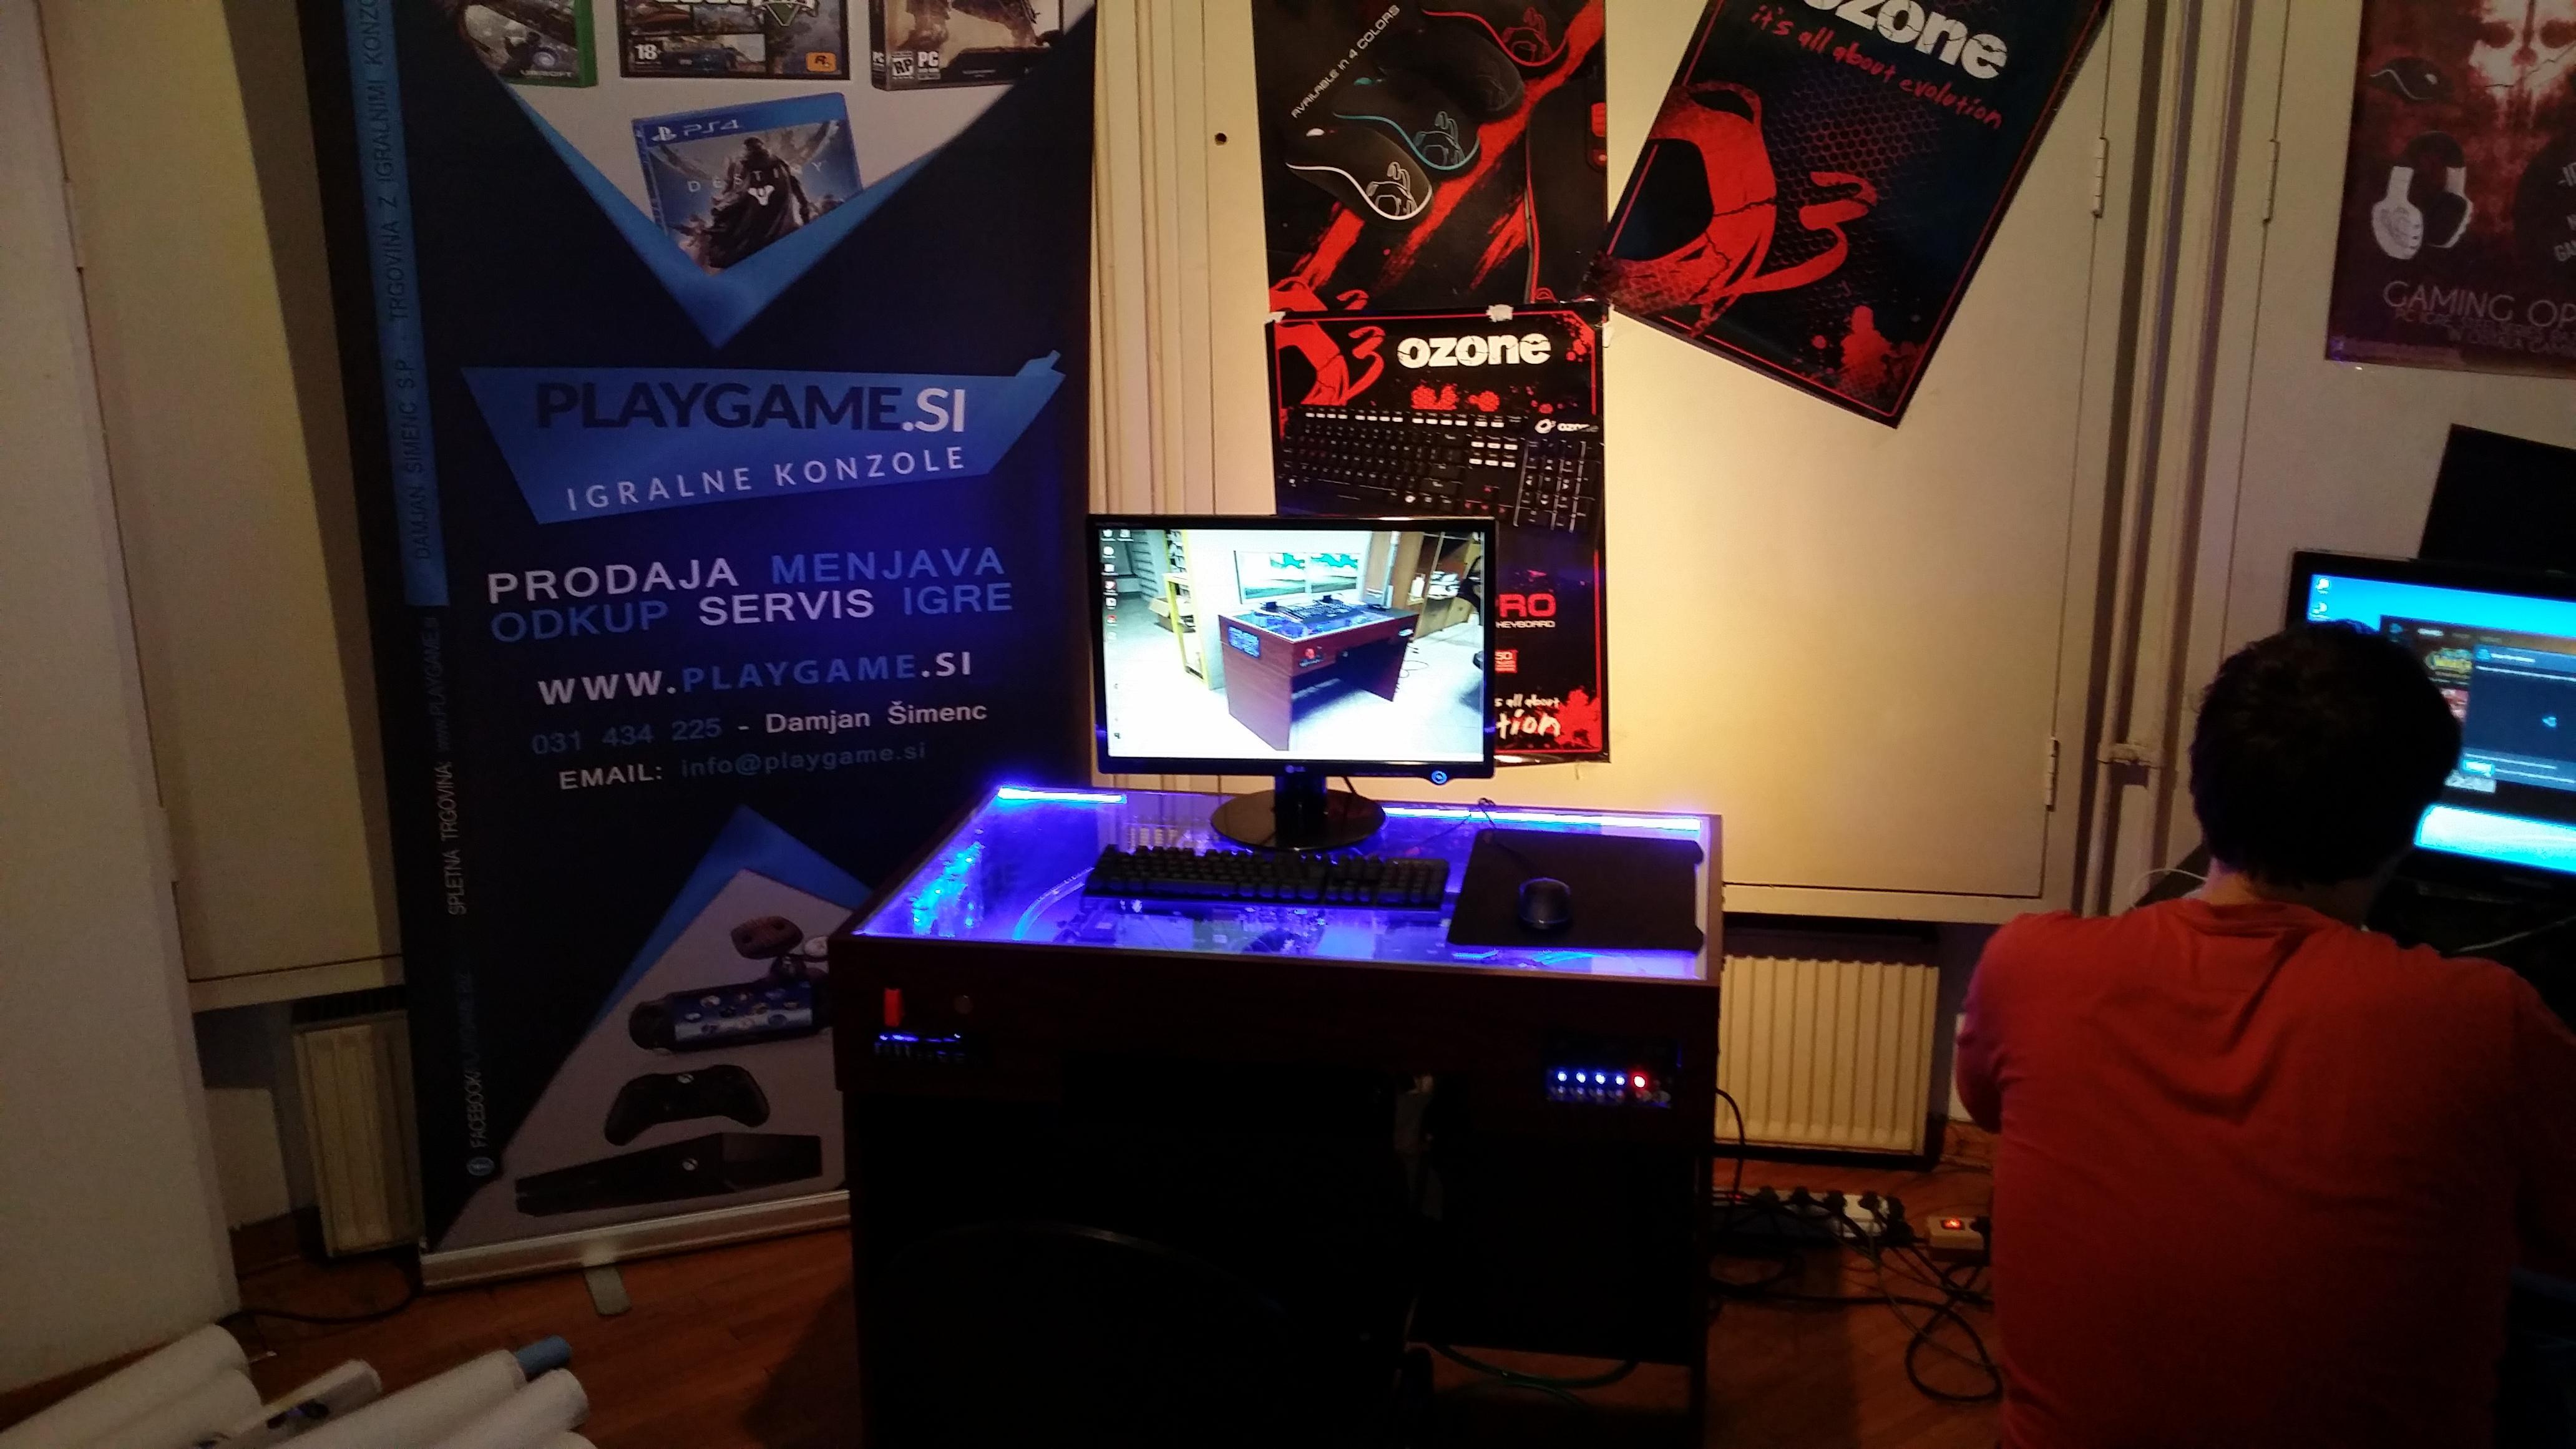 Blizzcon 2014 Ljubljana - S7 Desk 2014 - By S7 design